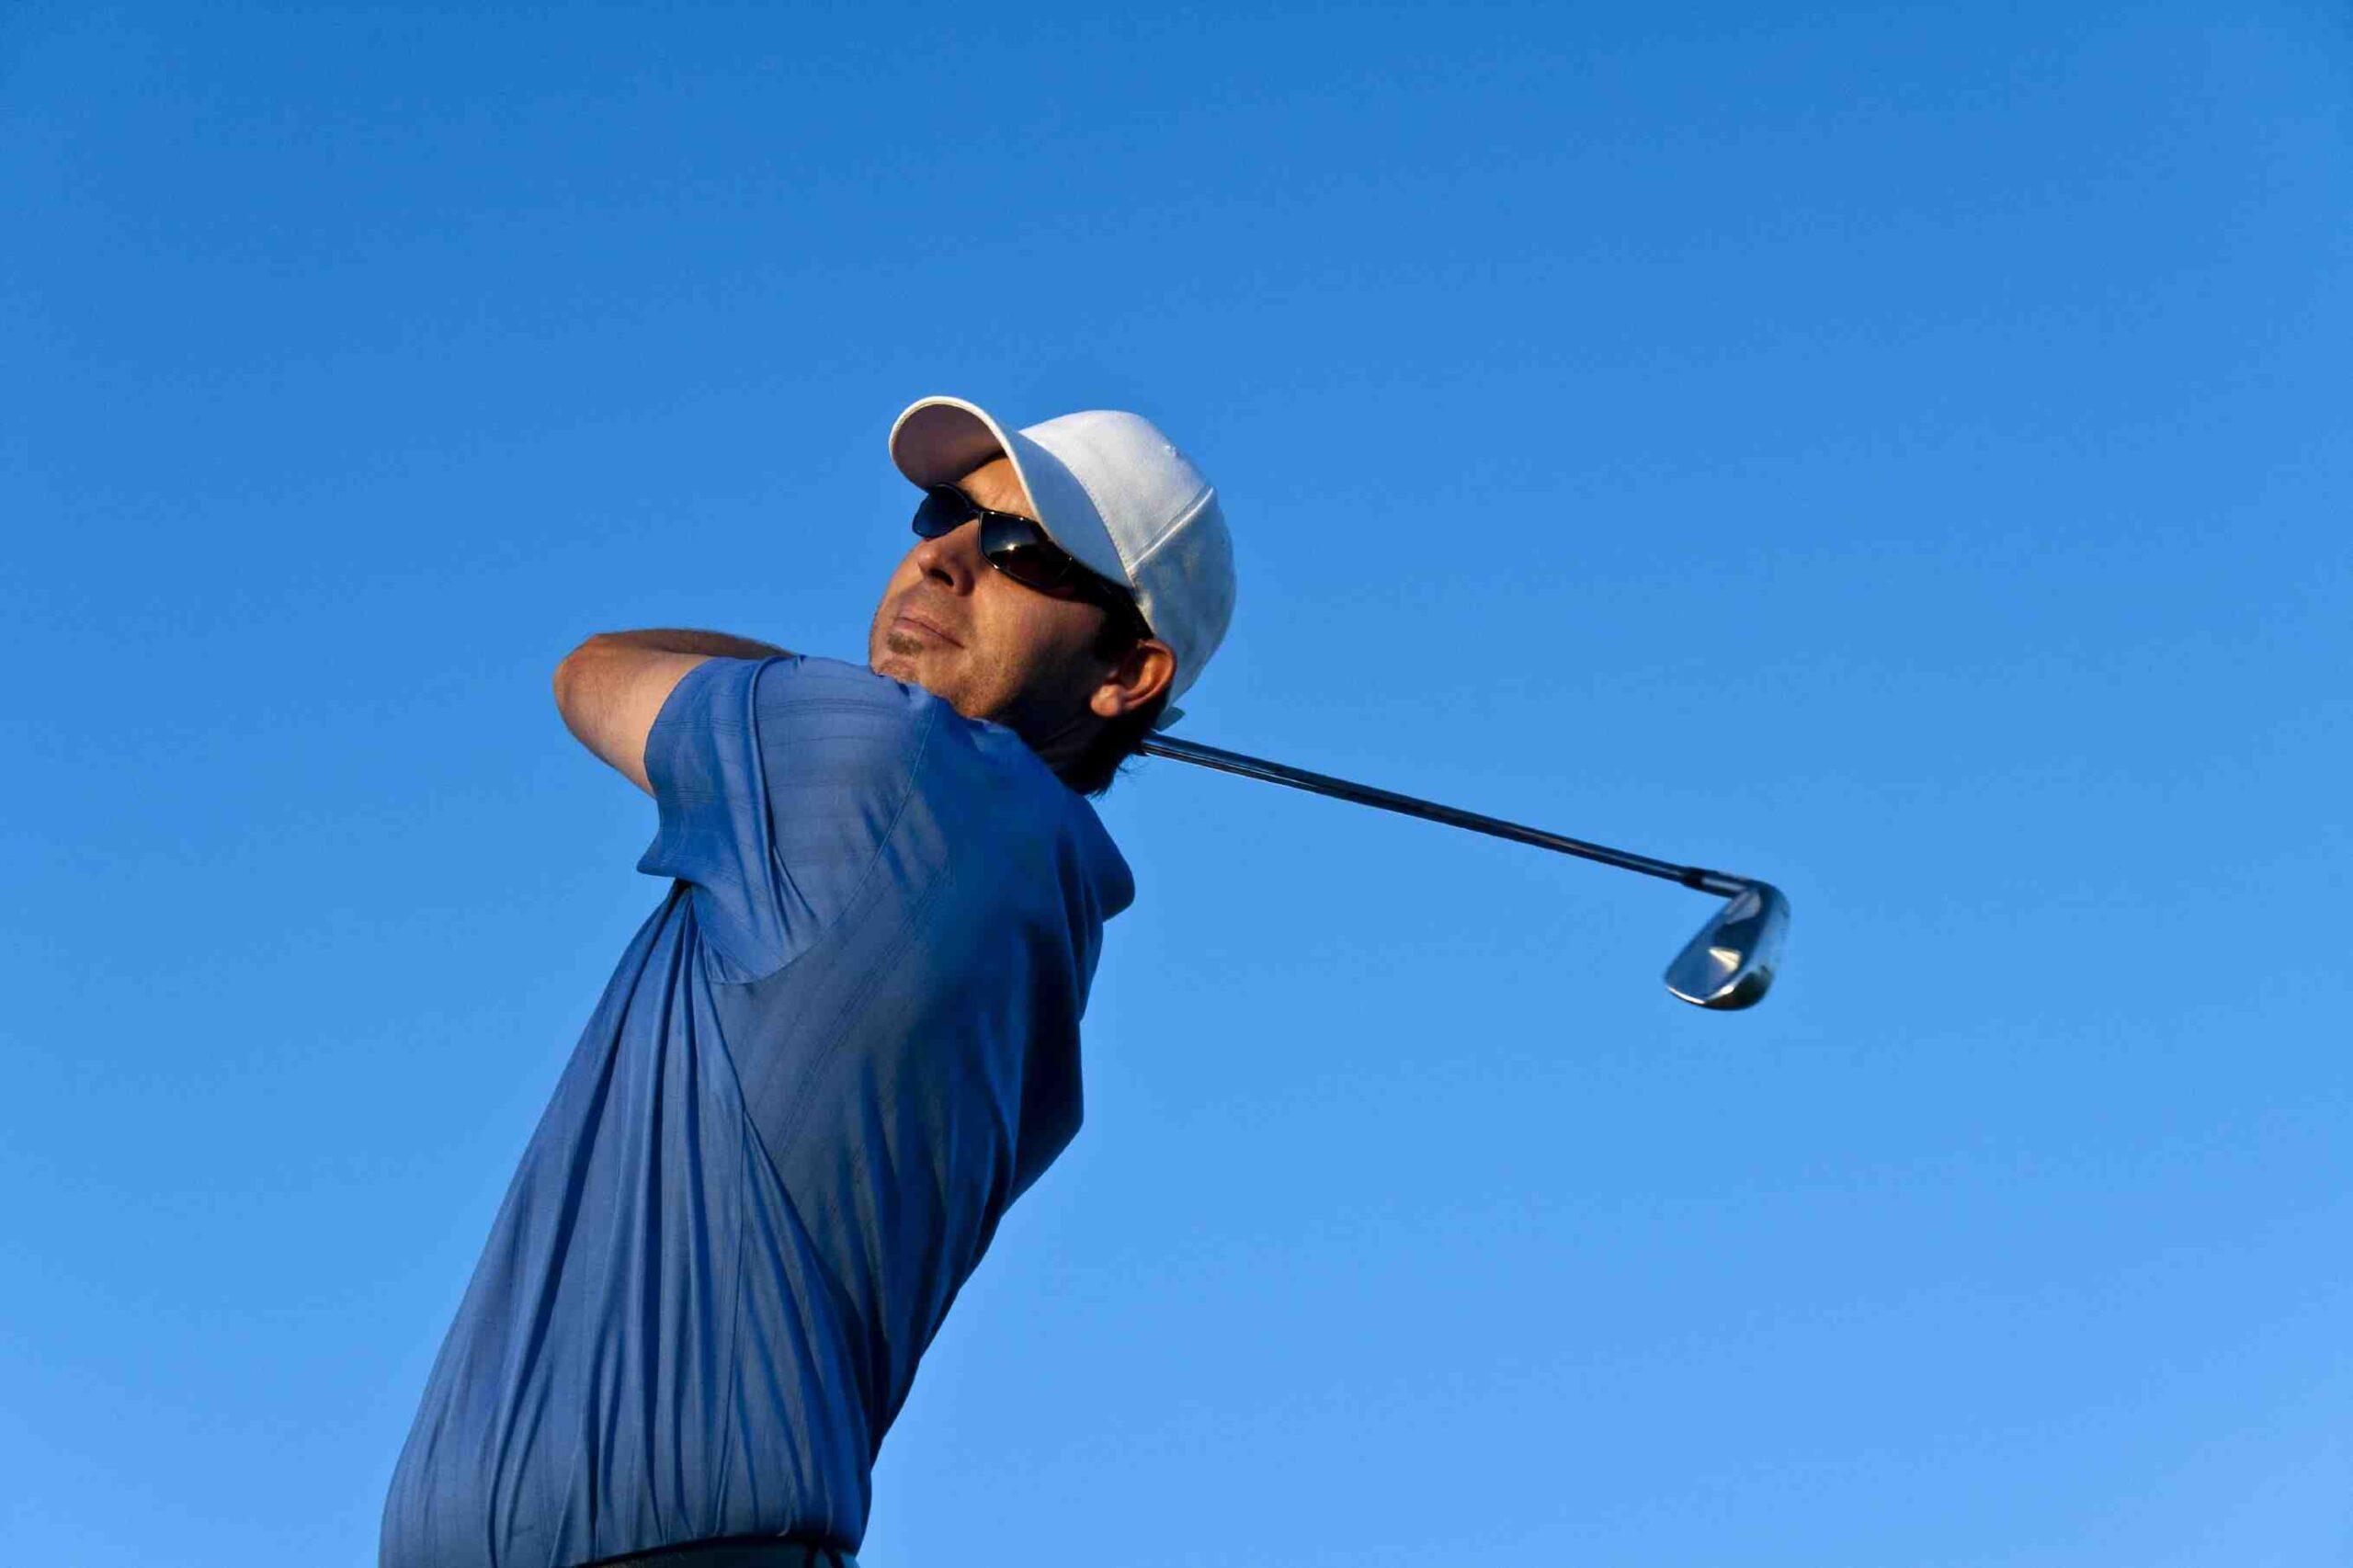 Comment obtenez-vous directement le golf?